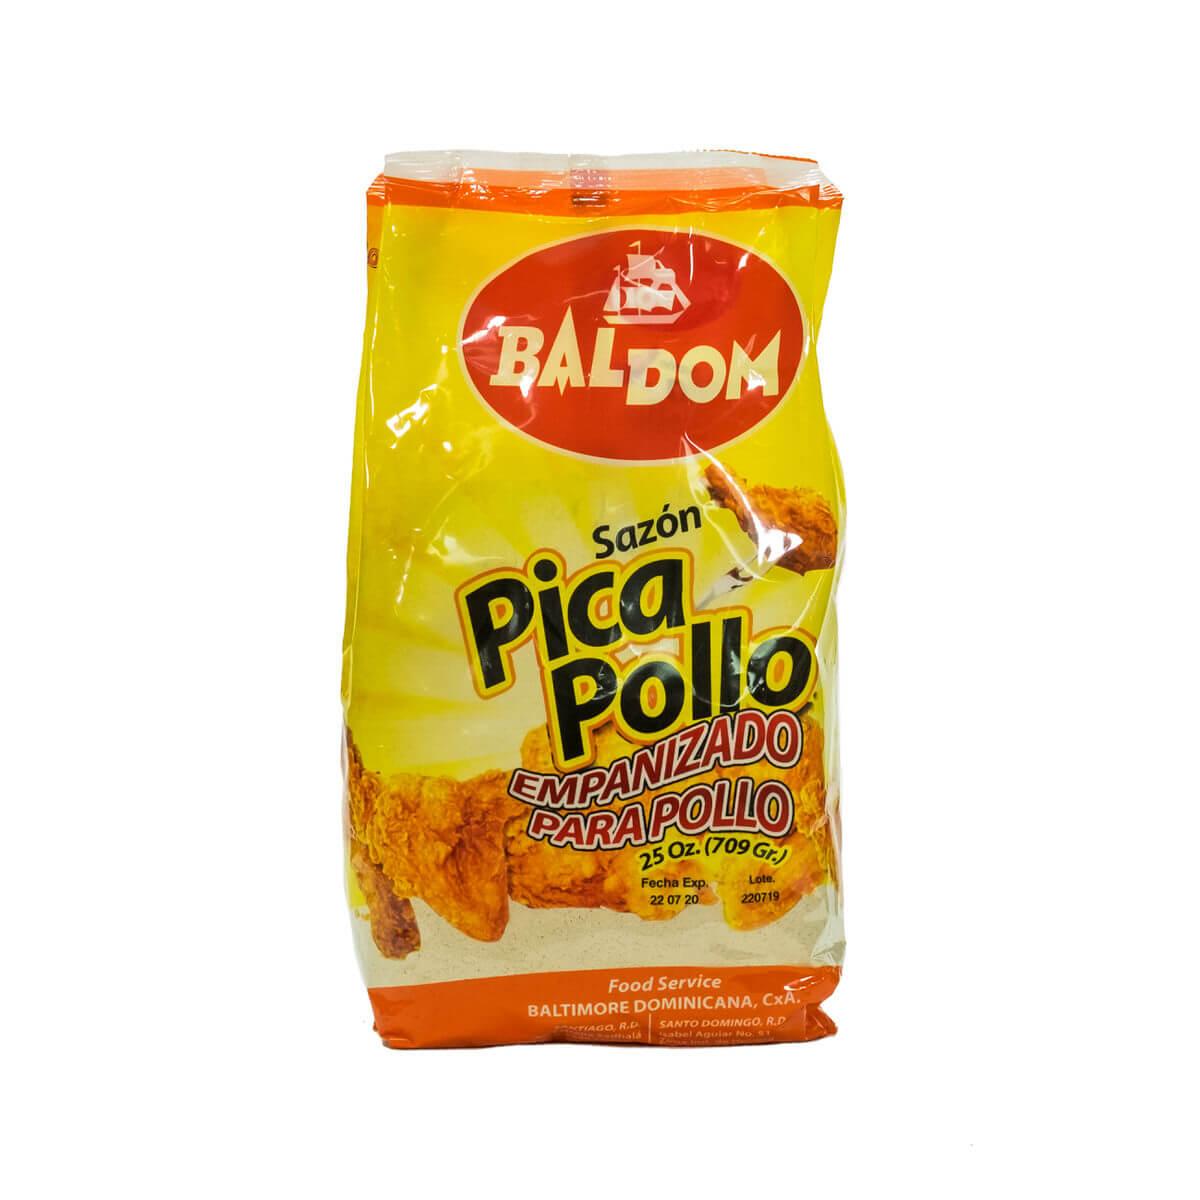 Empanizado Pica Pollo 25oz